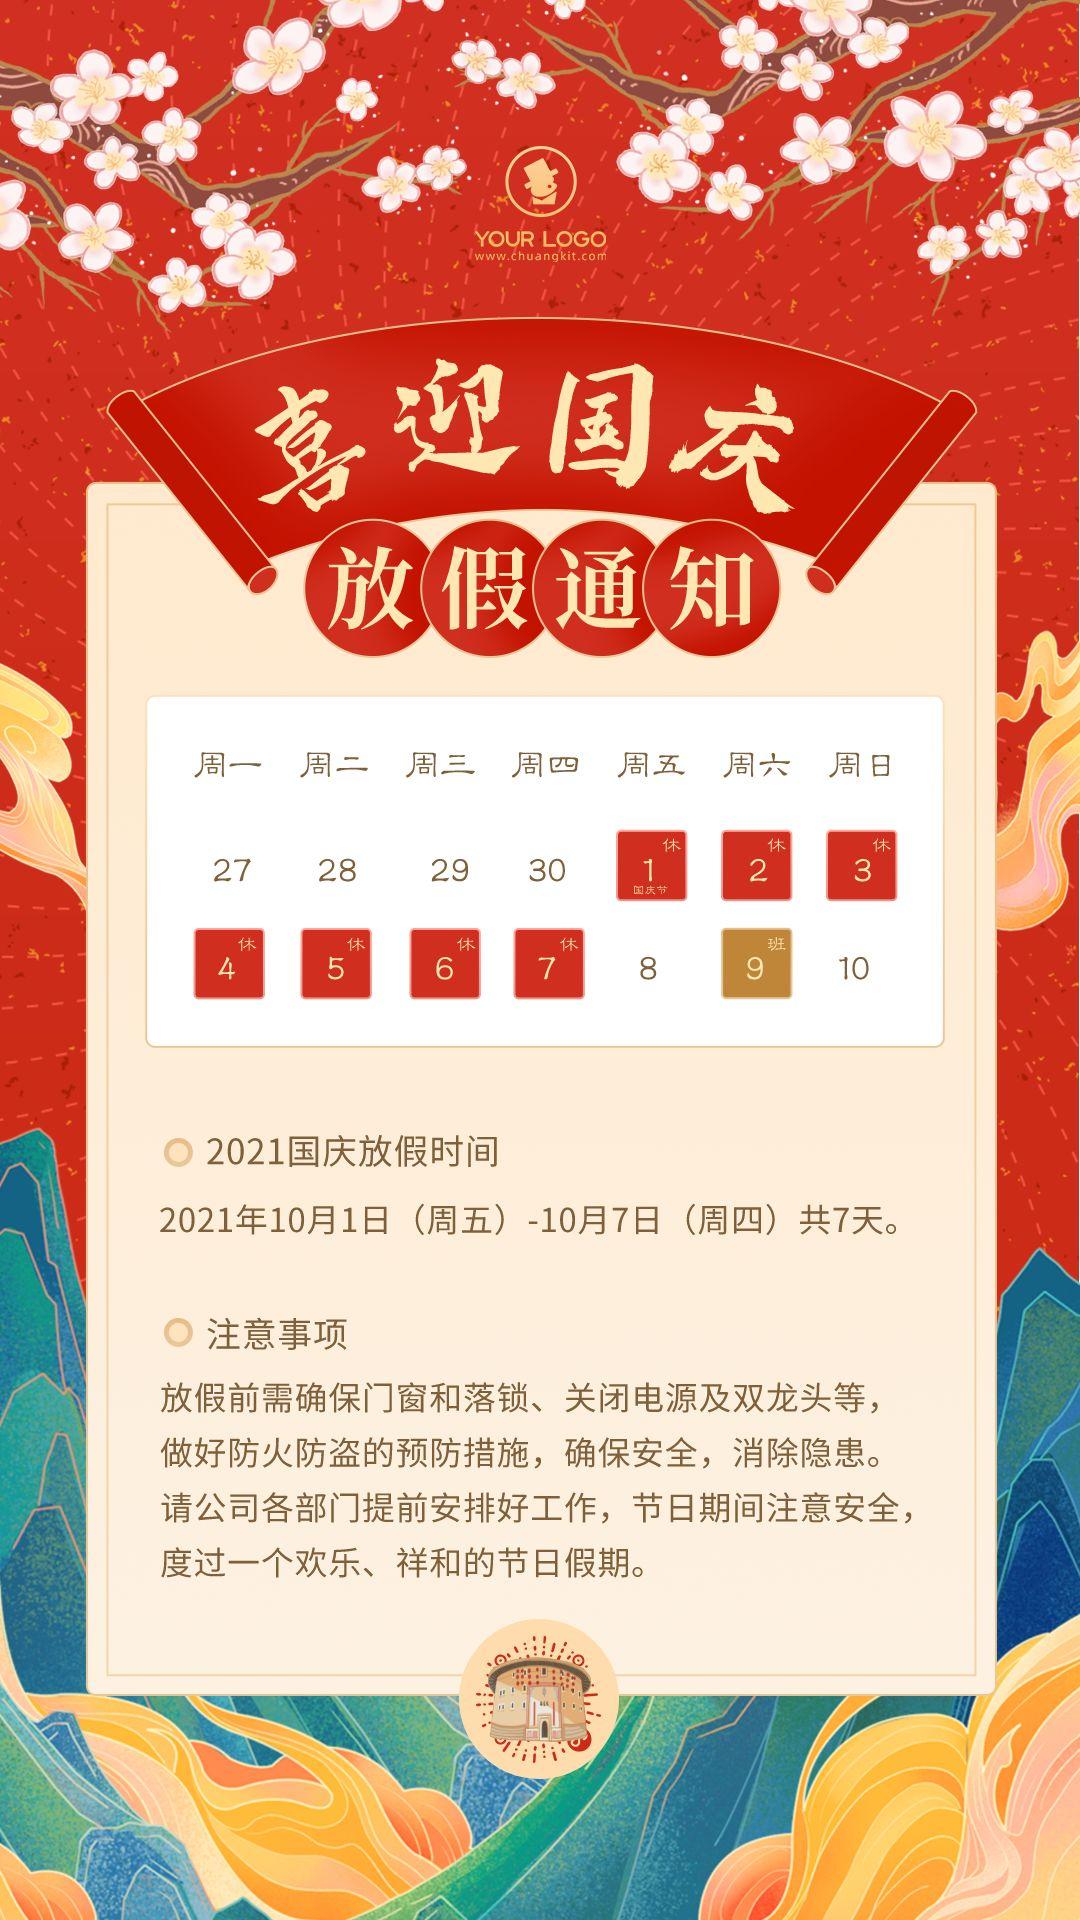 四川优宜固科技有限公司2021年国庆节放假通知